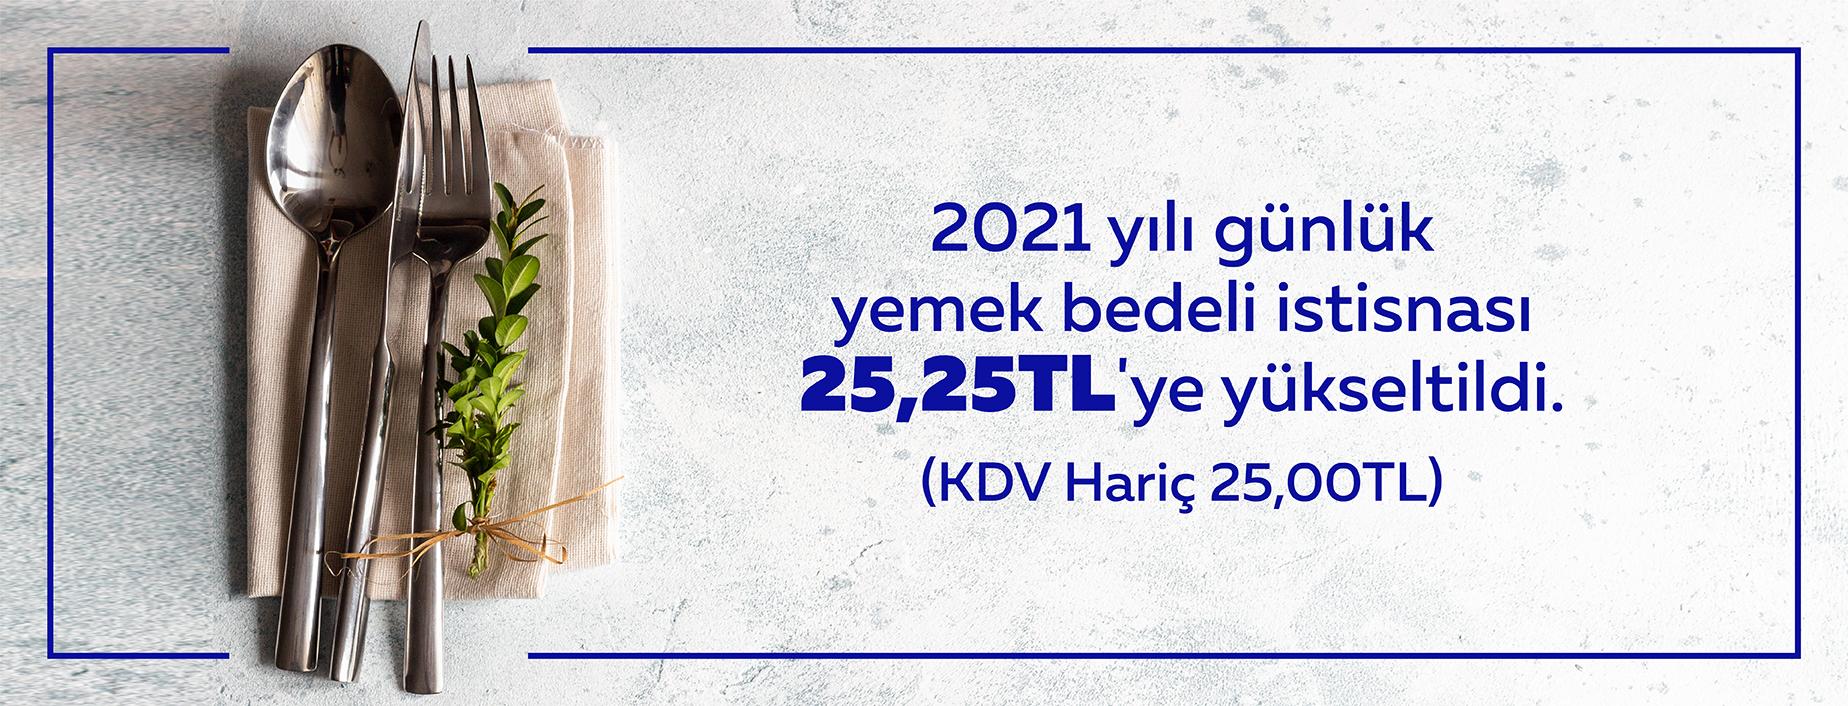 2021 Vergiden istisna tutar